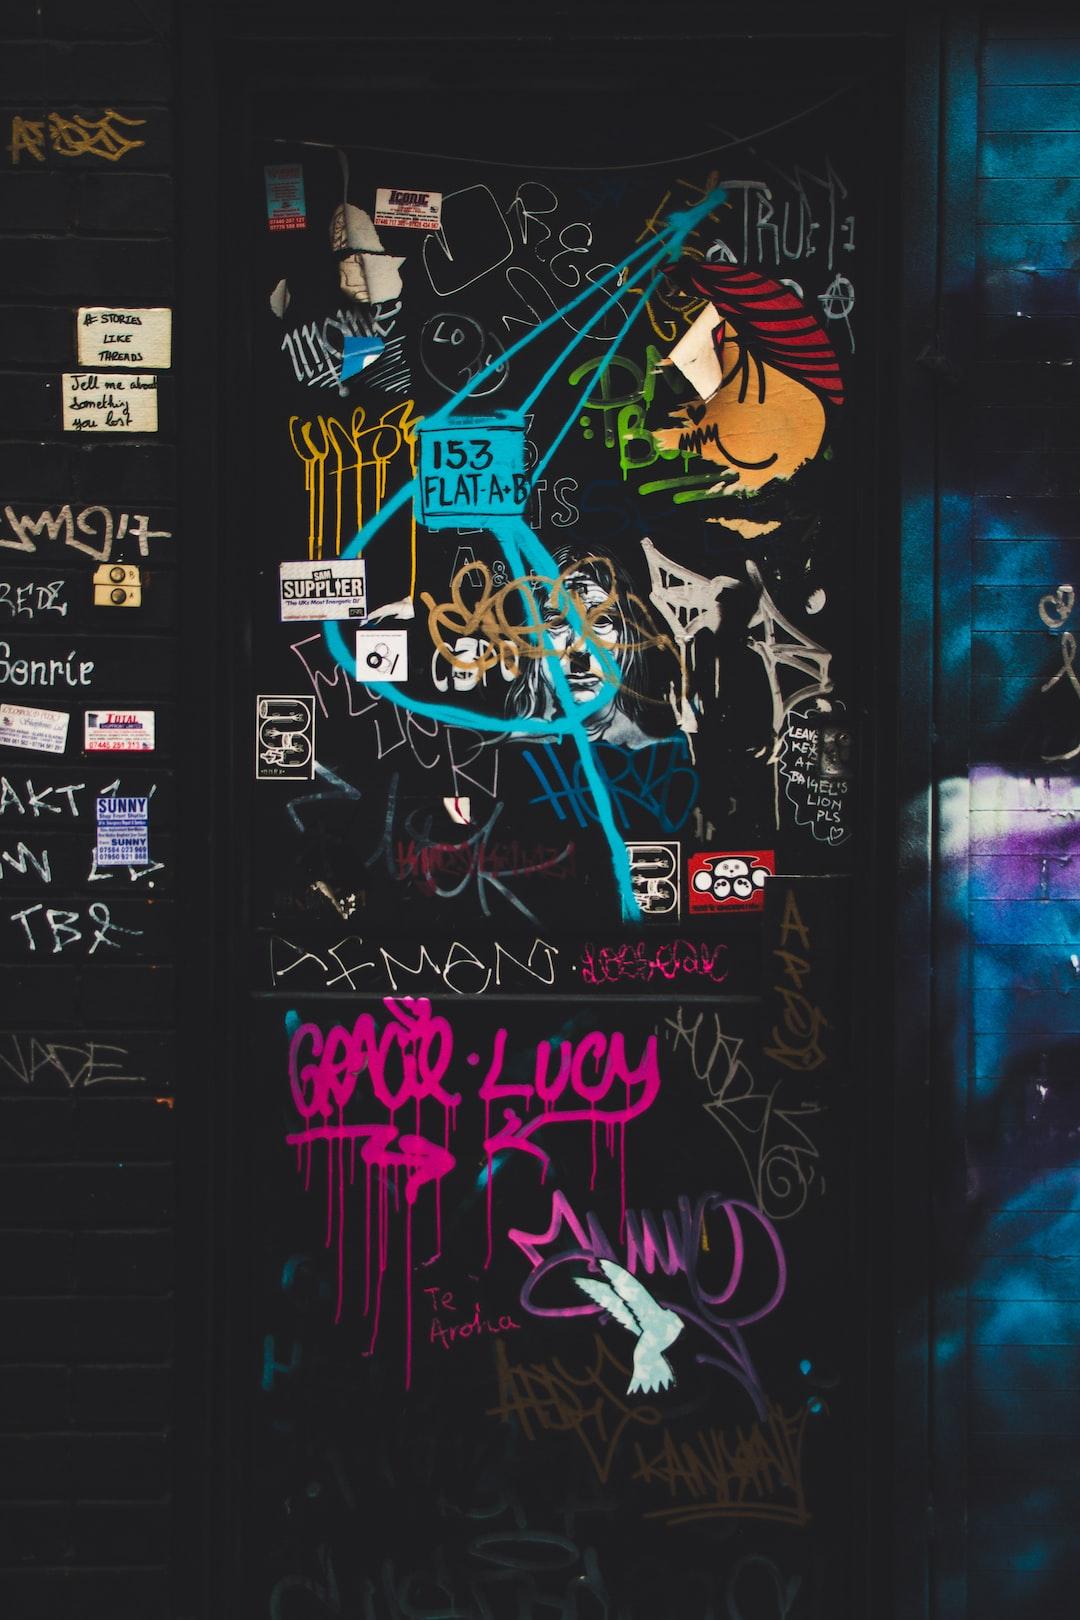 Graffiti in Shoreditch